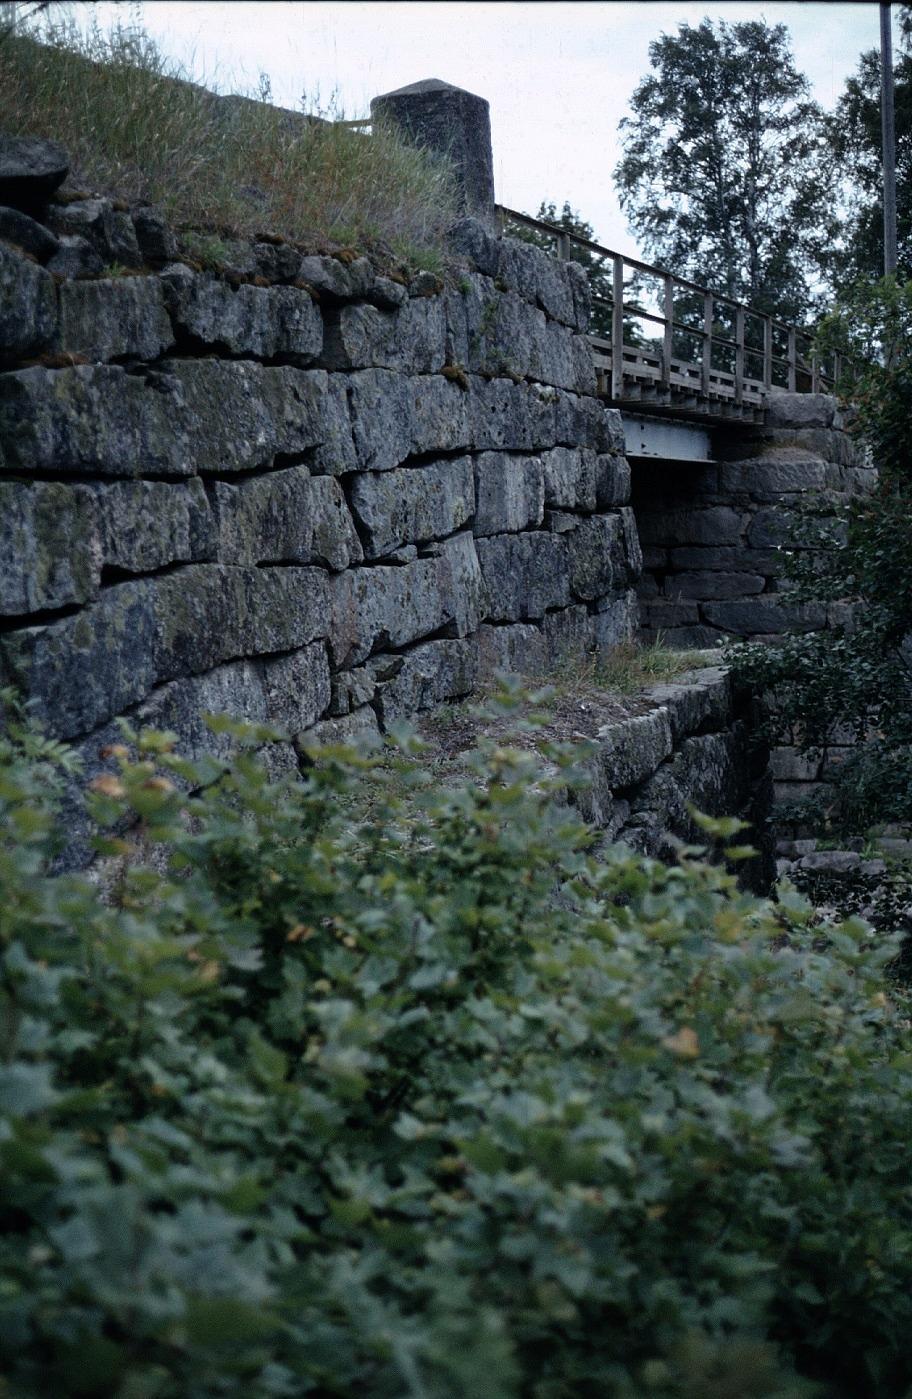 Käringkåsk-Samuel och hans mannar hade gjort ett bra jobb med stenarna på 1850-talet då bron byggdes.